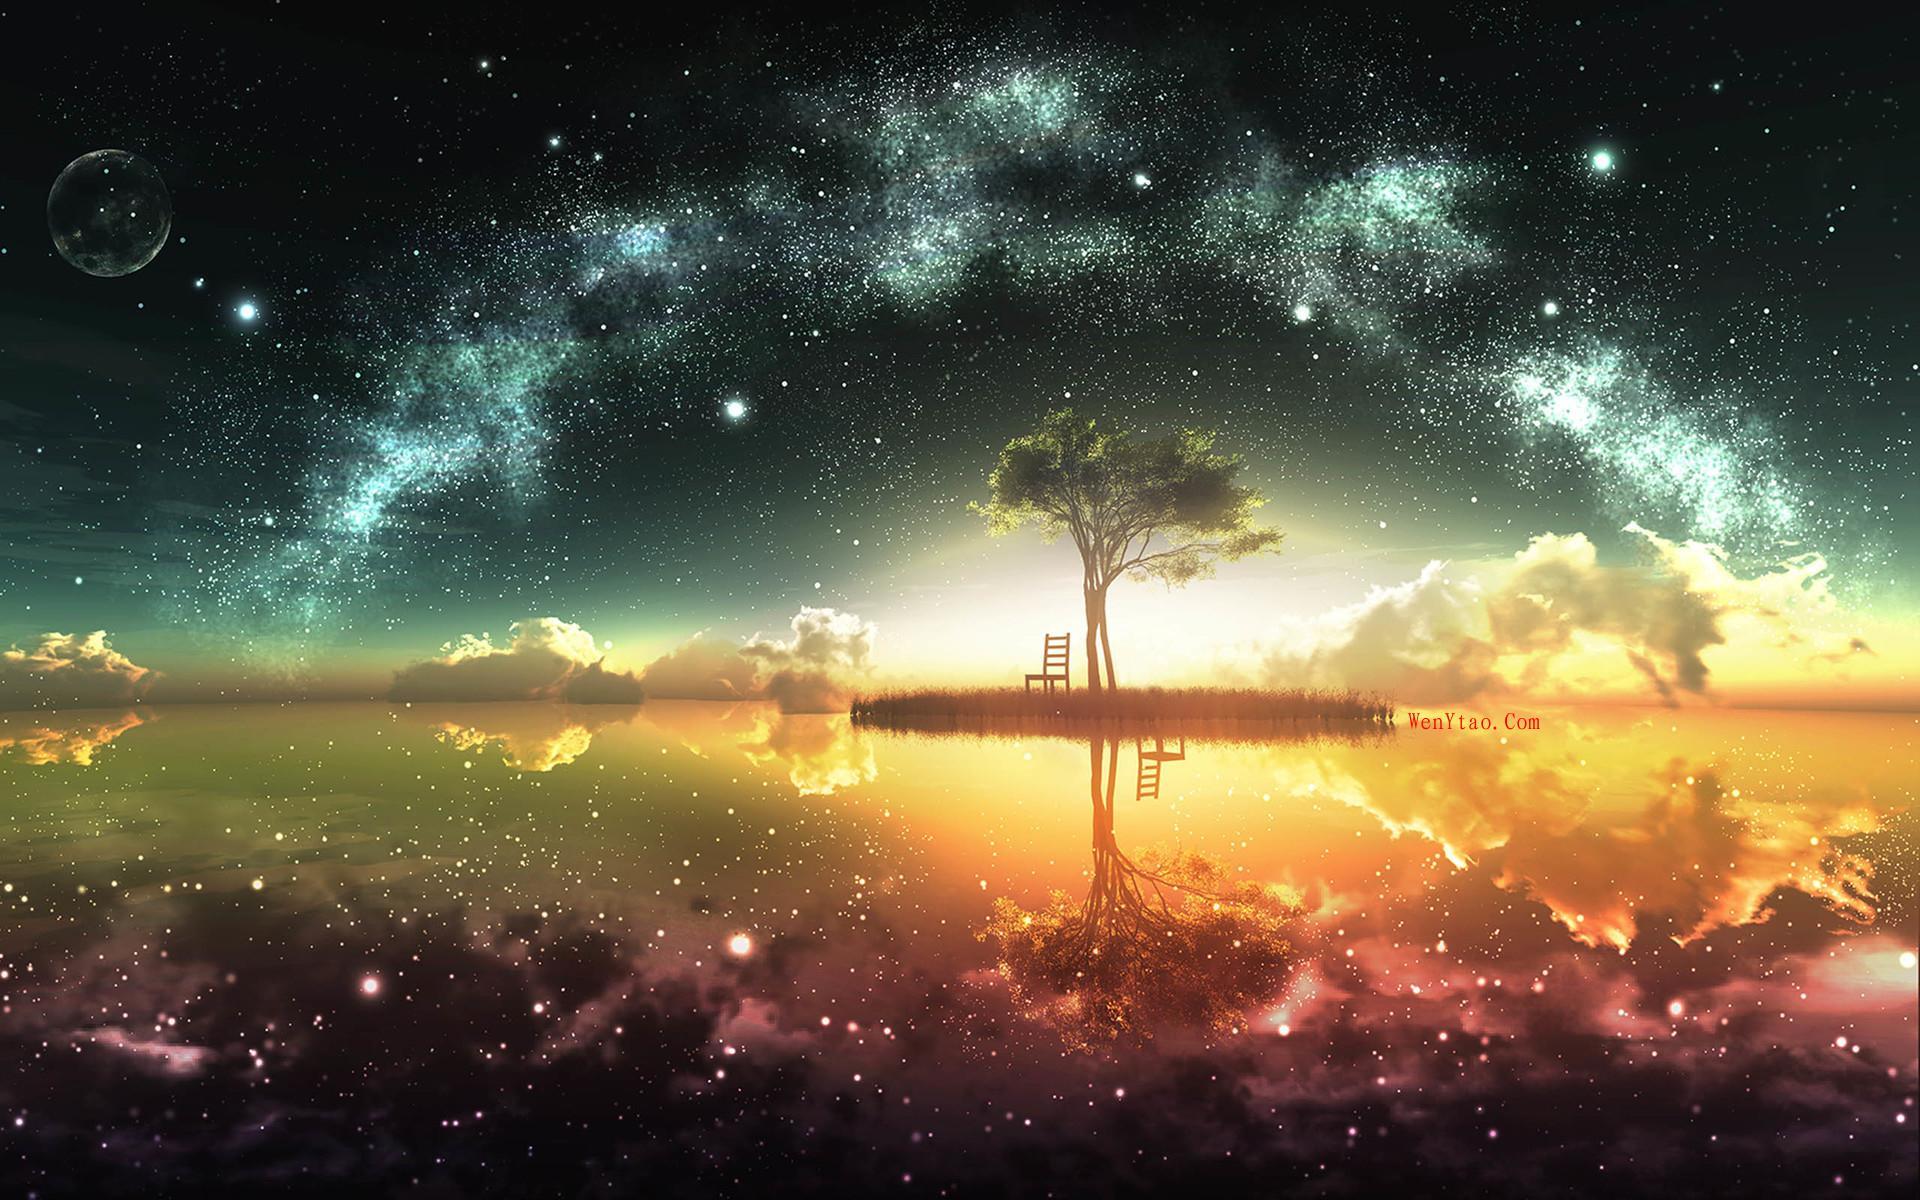 风景奇幻梦境山峰星空繁星云雾夜晚星空星球梦幻5k壁纸 风景 第11张